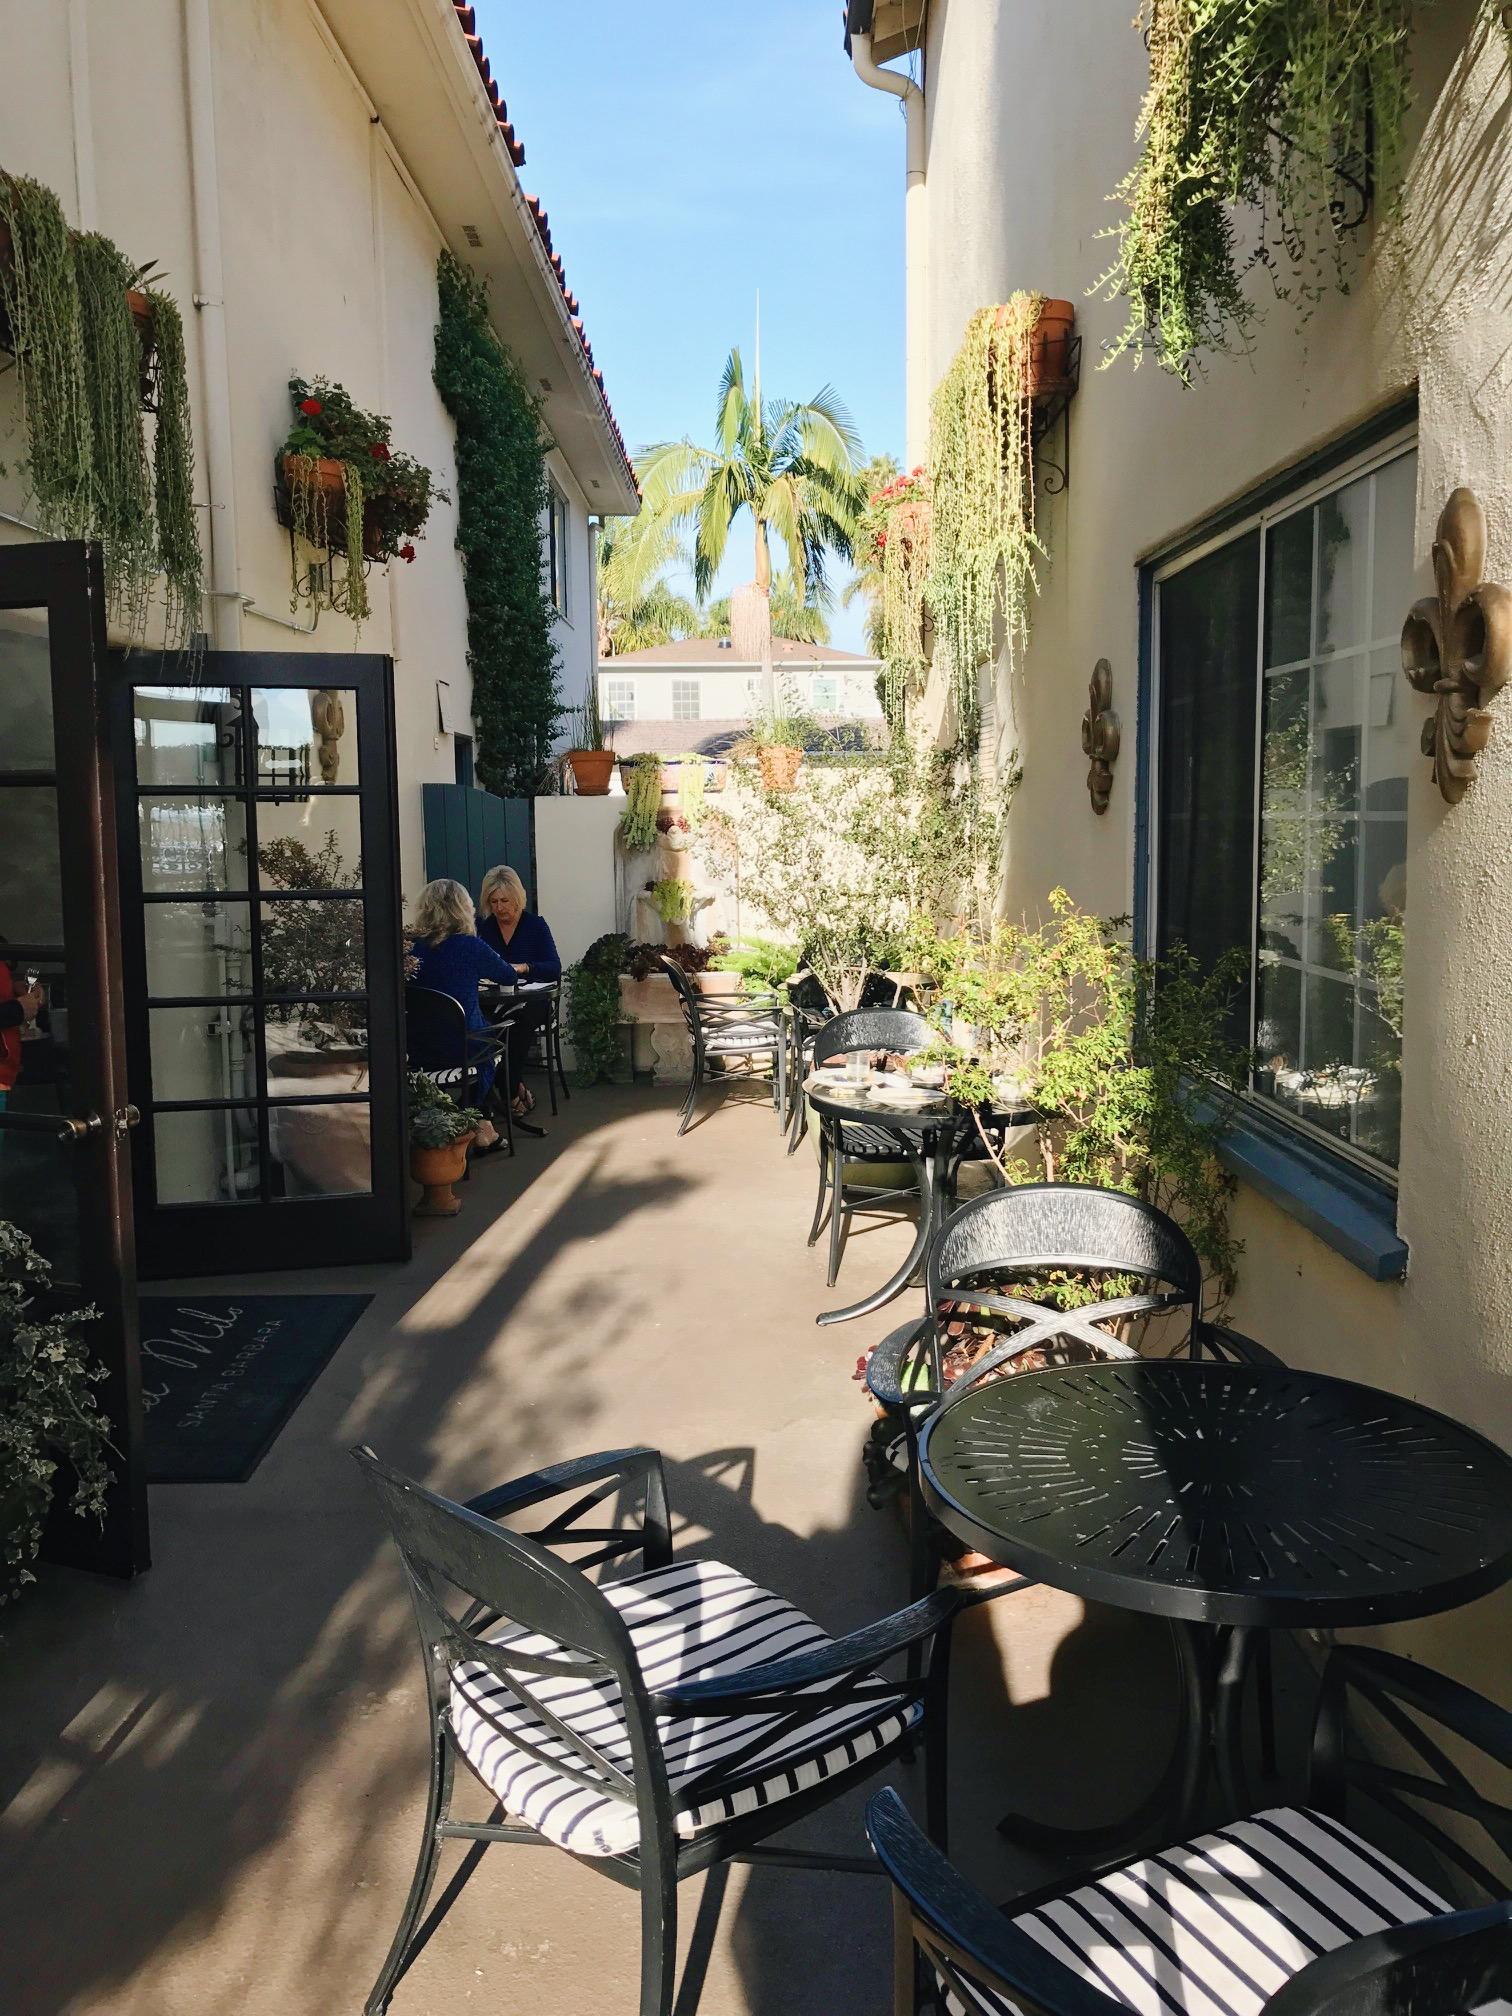 The sunny breakfast patio